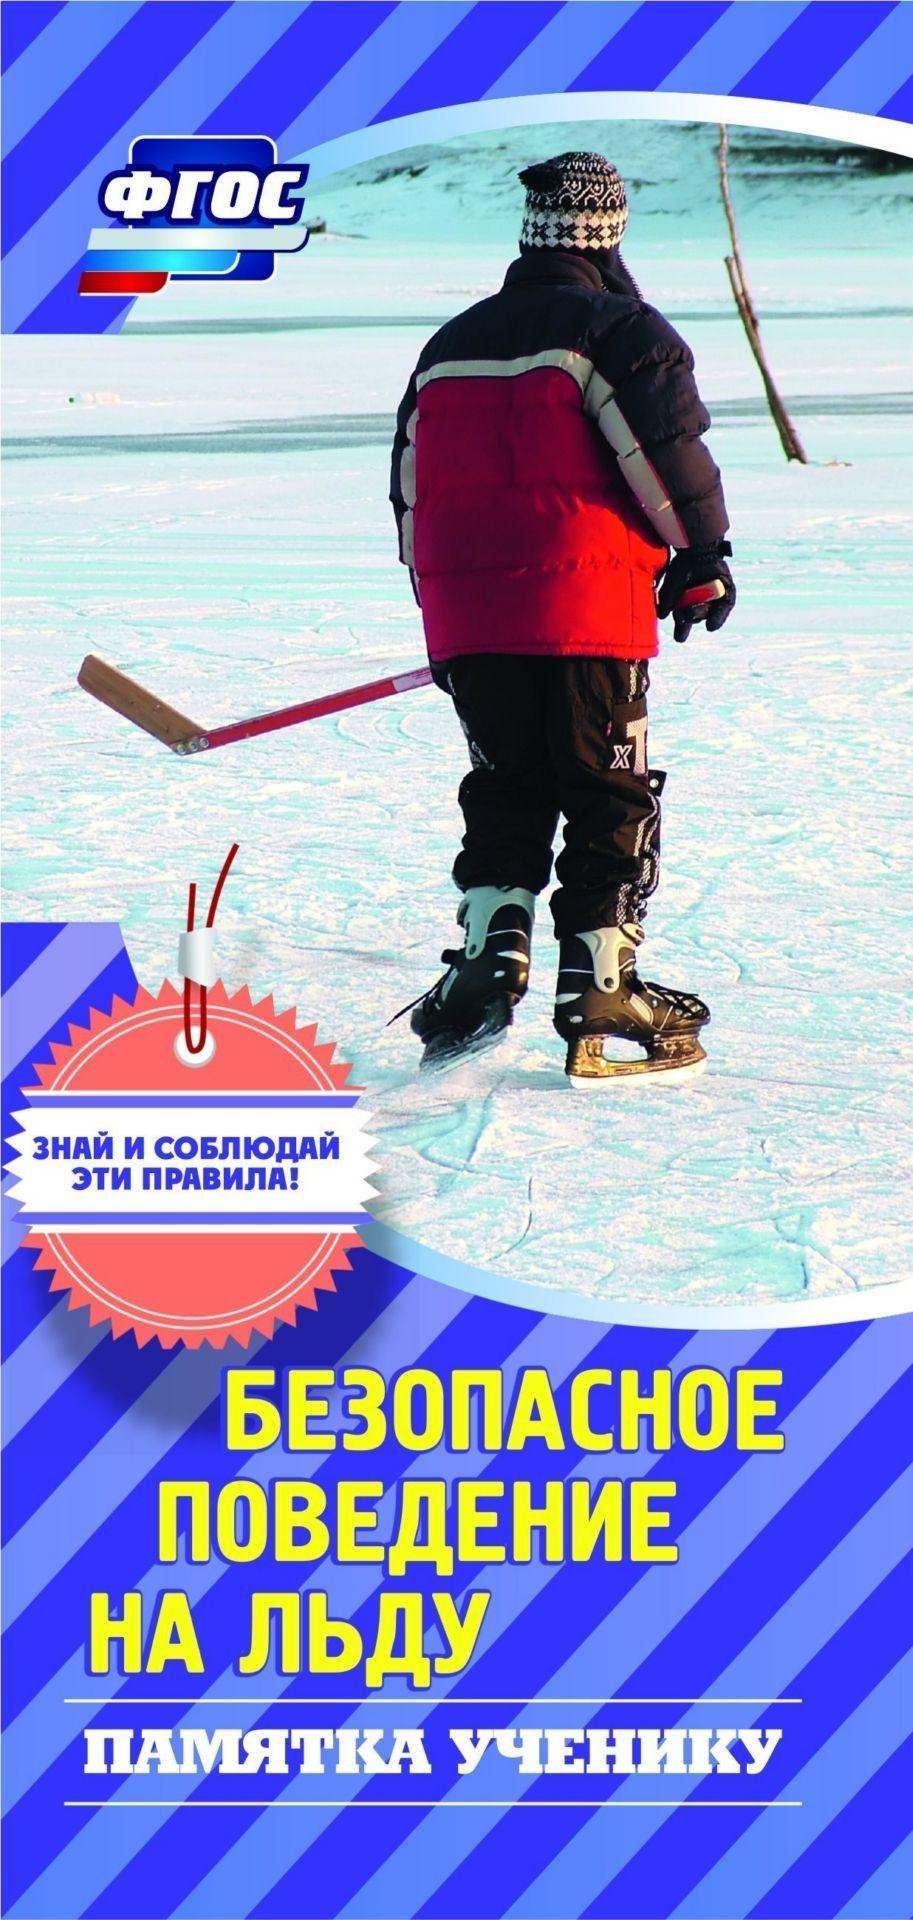 Памятка ученику по безопасному поведению на льдуНачальная школа<br>Бумага офсетная.<br><br>Год: 2018